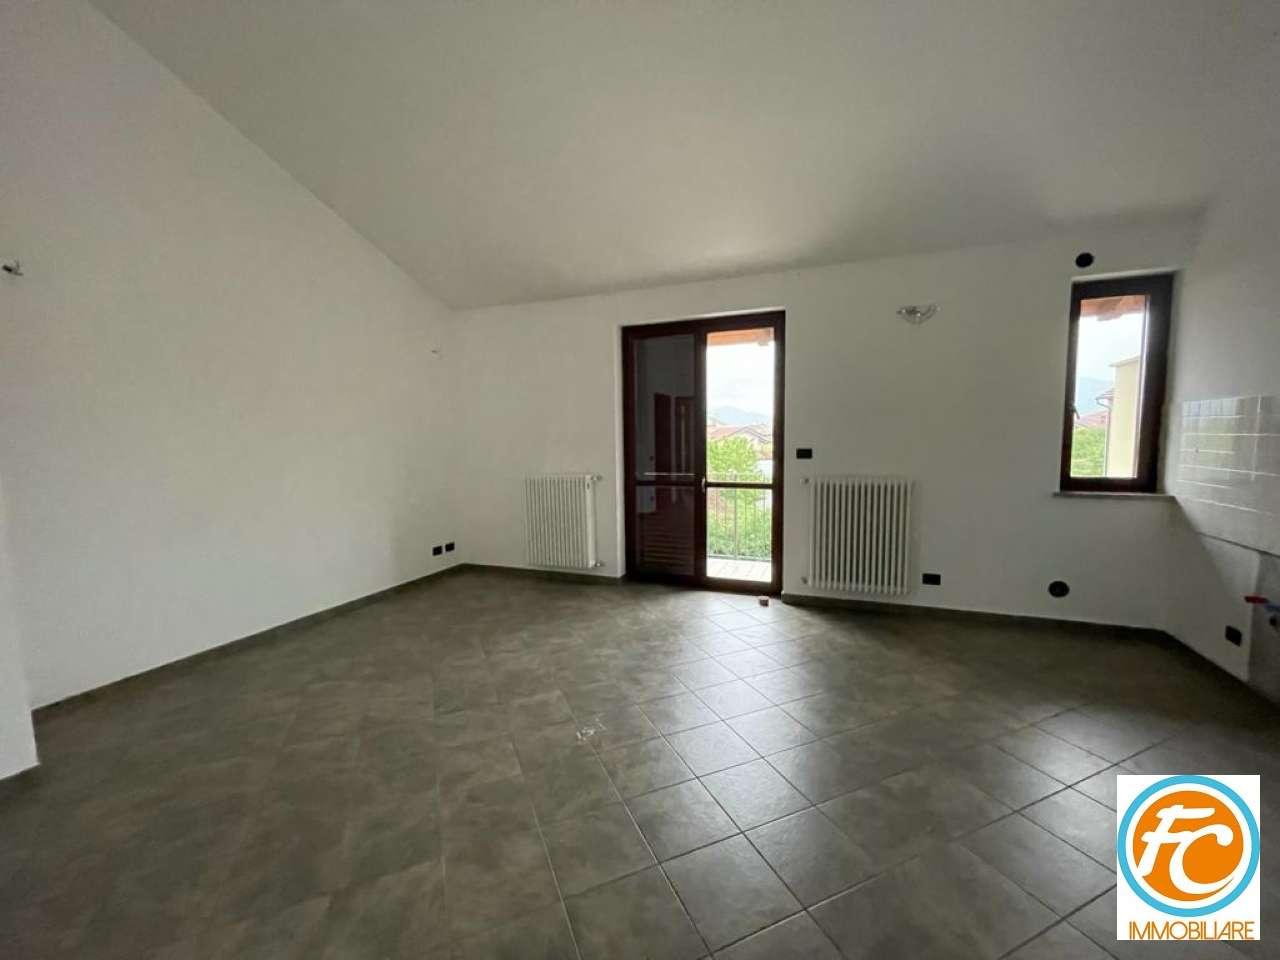 Appartamento in affitto a Giaveno, 2 locali, prezzo € 450 | PortaleAgenzieImmobiliari.it